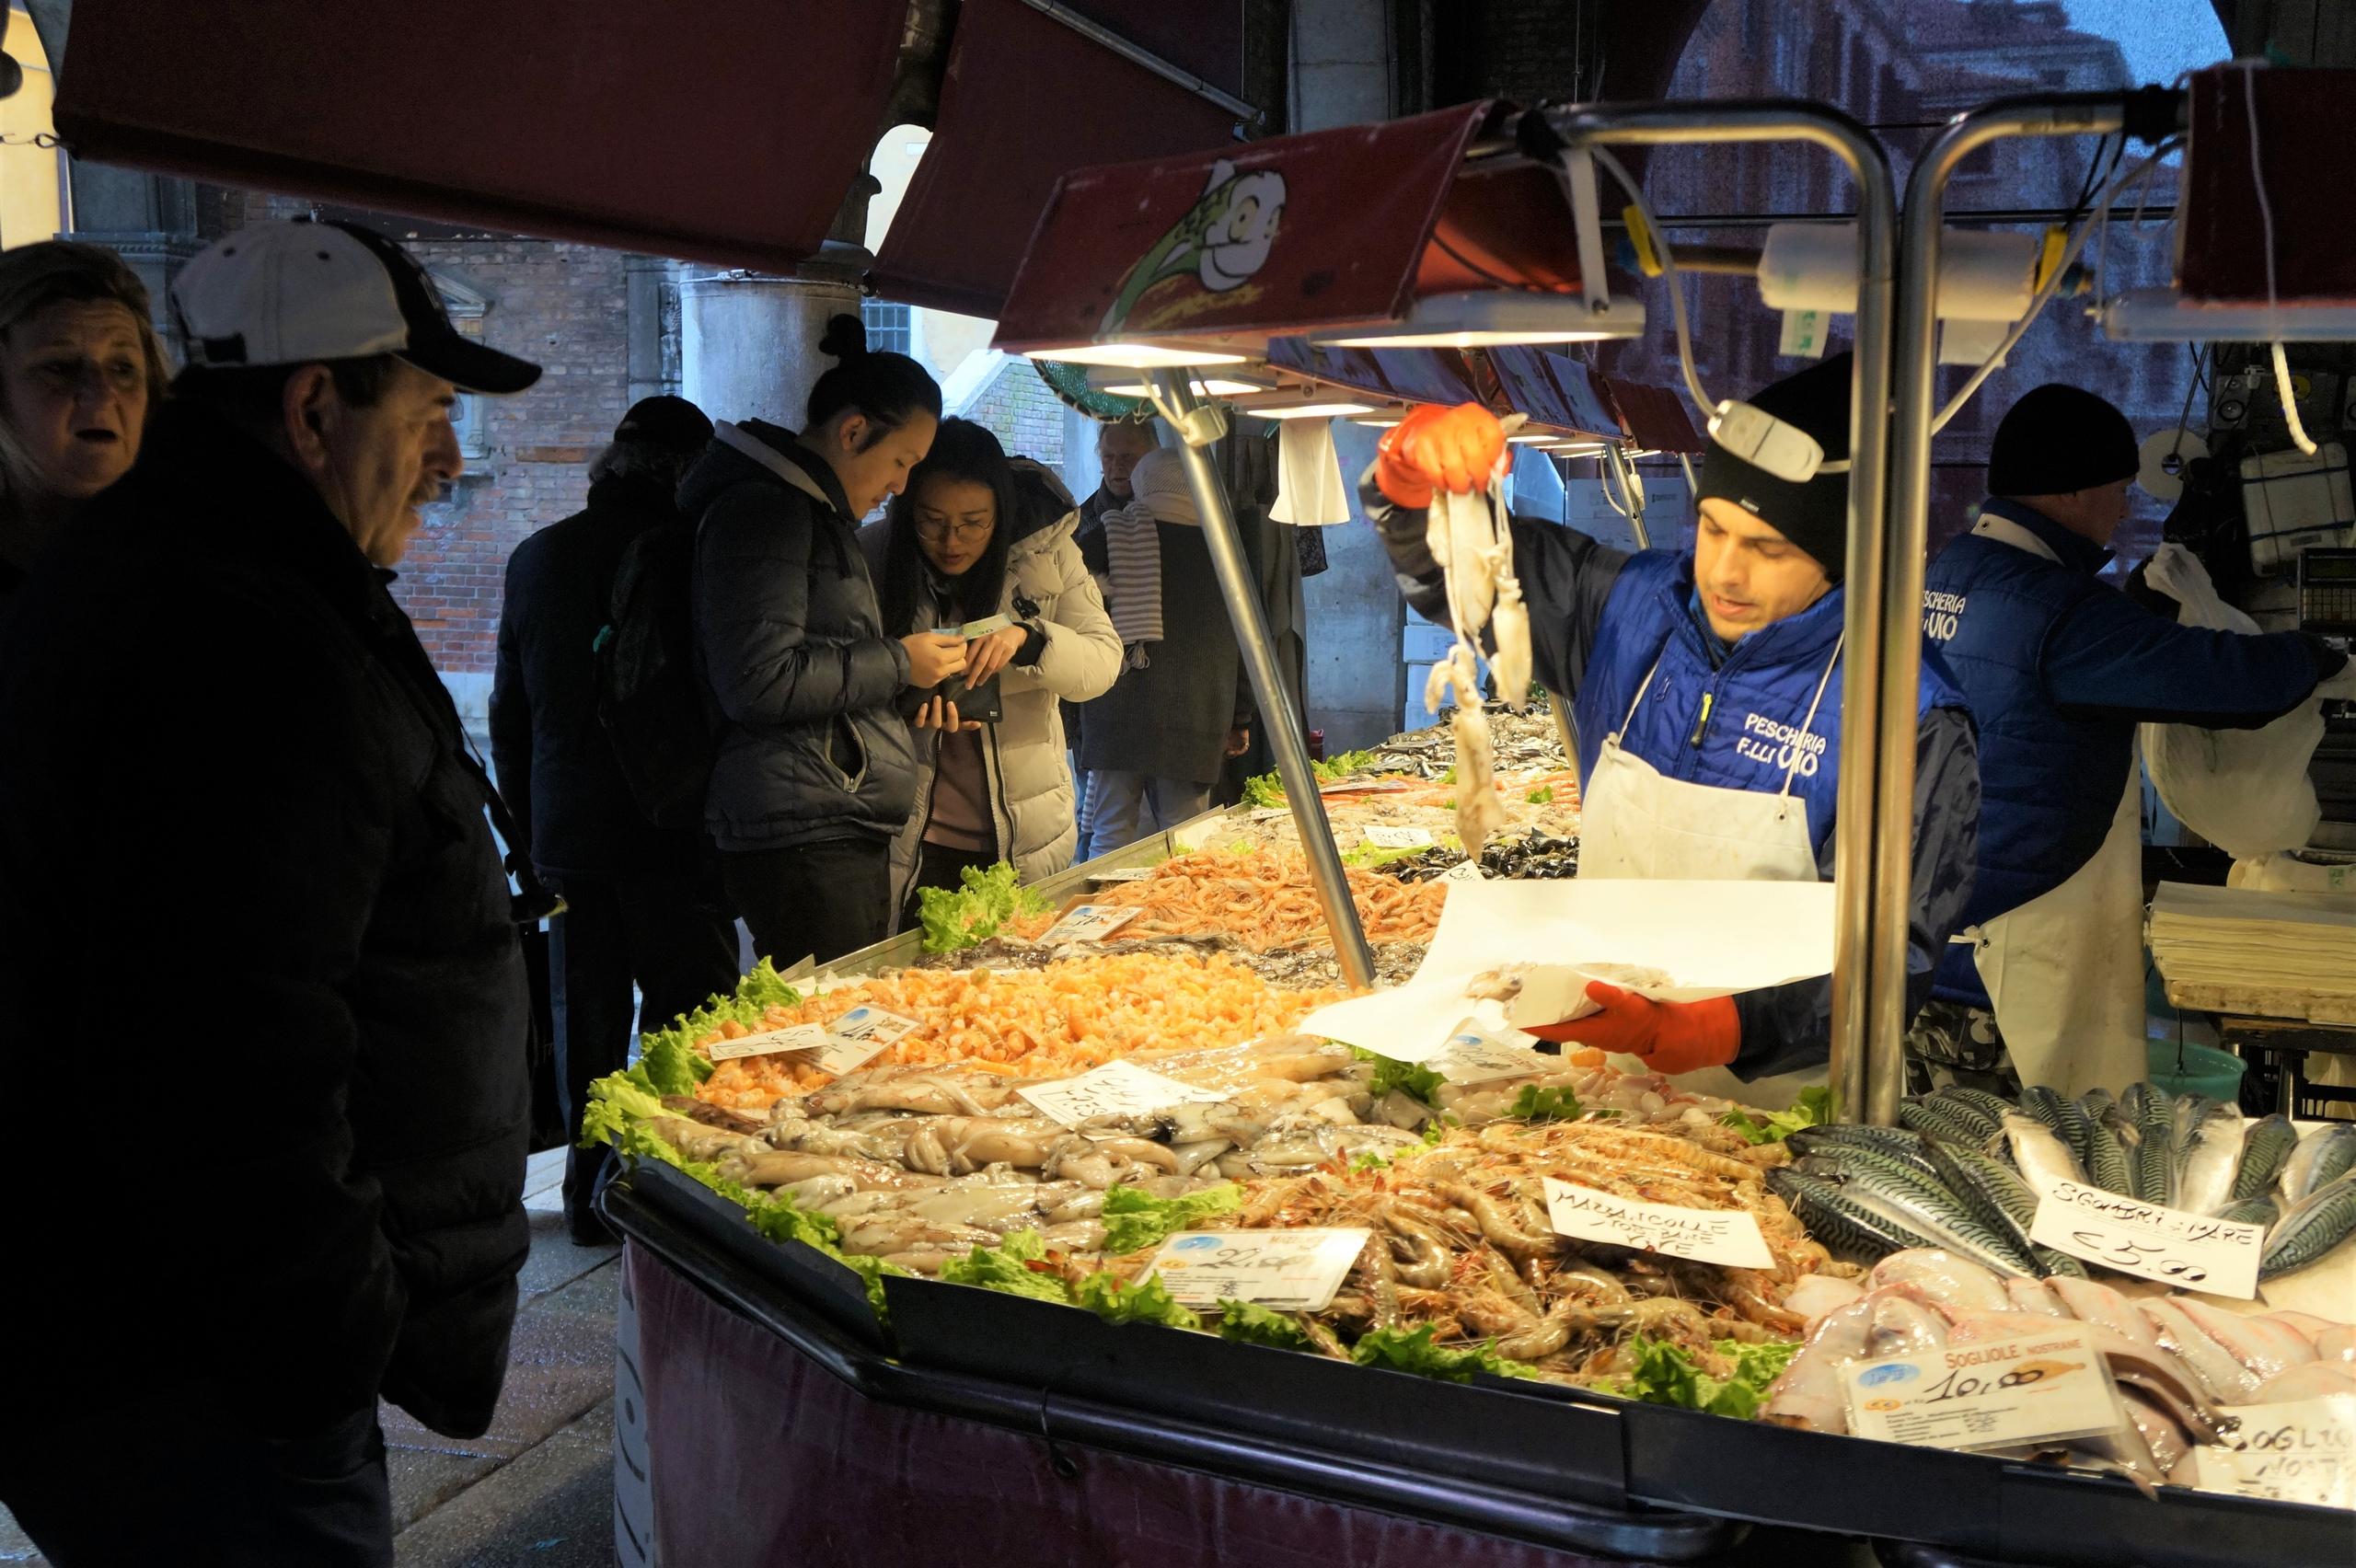 Рыбный рынок в Венеции Время, рыбымечь, устриц, кальмаров, камбалы, скумбрии, разных, экзотичных, видов, продавец, креветок, желанию, выбранную, почистит, товаром, приглядывают, только, продавцы, мидий, крабов